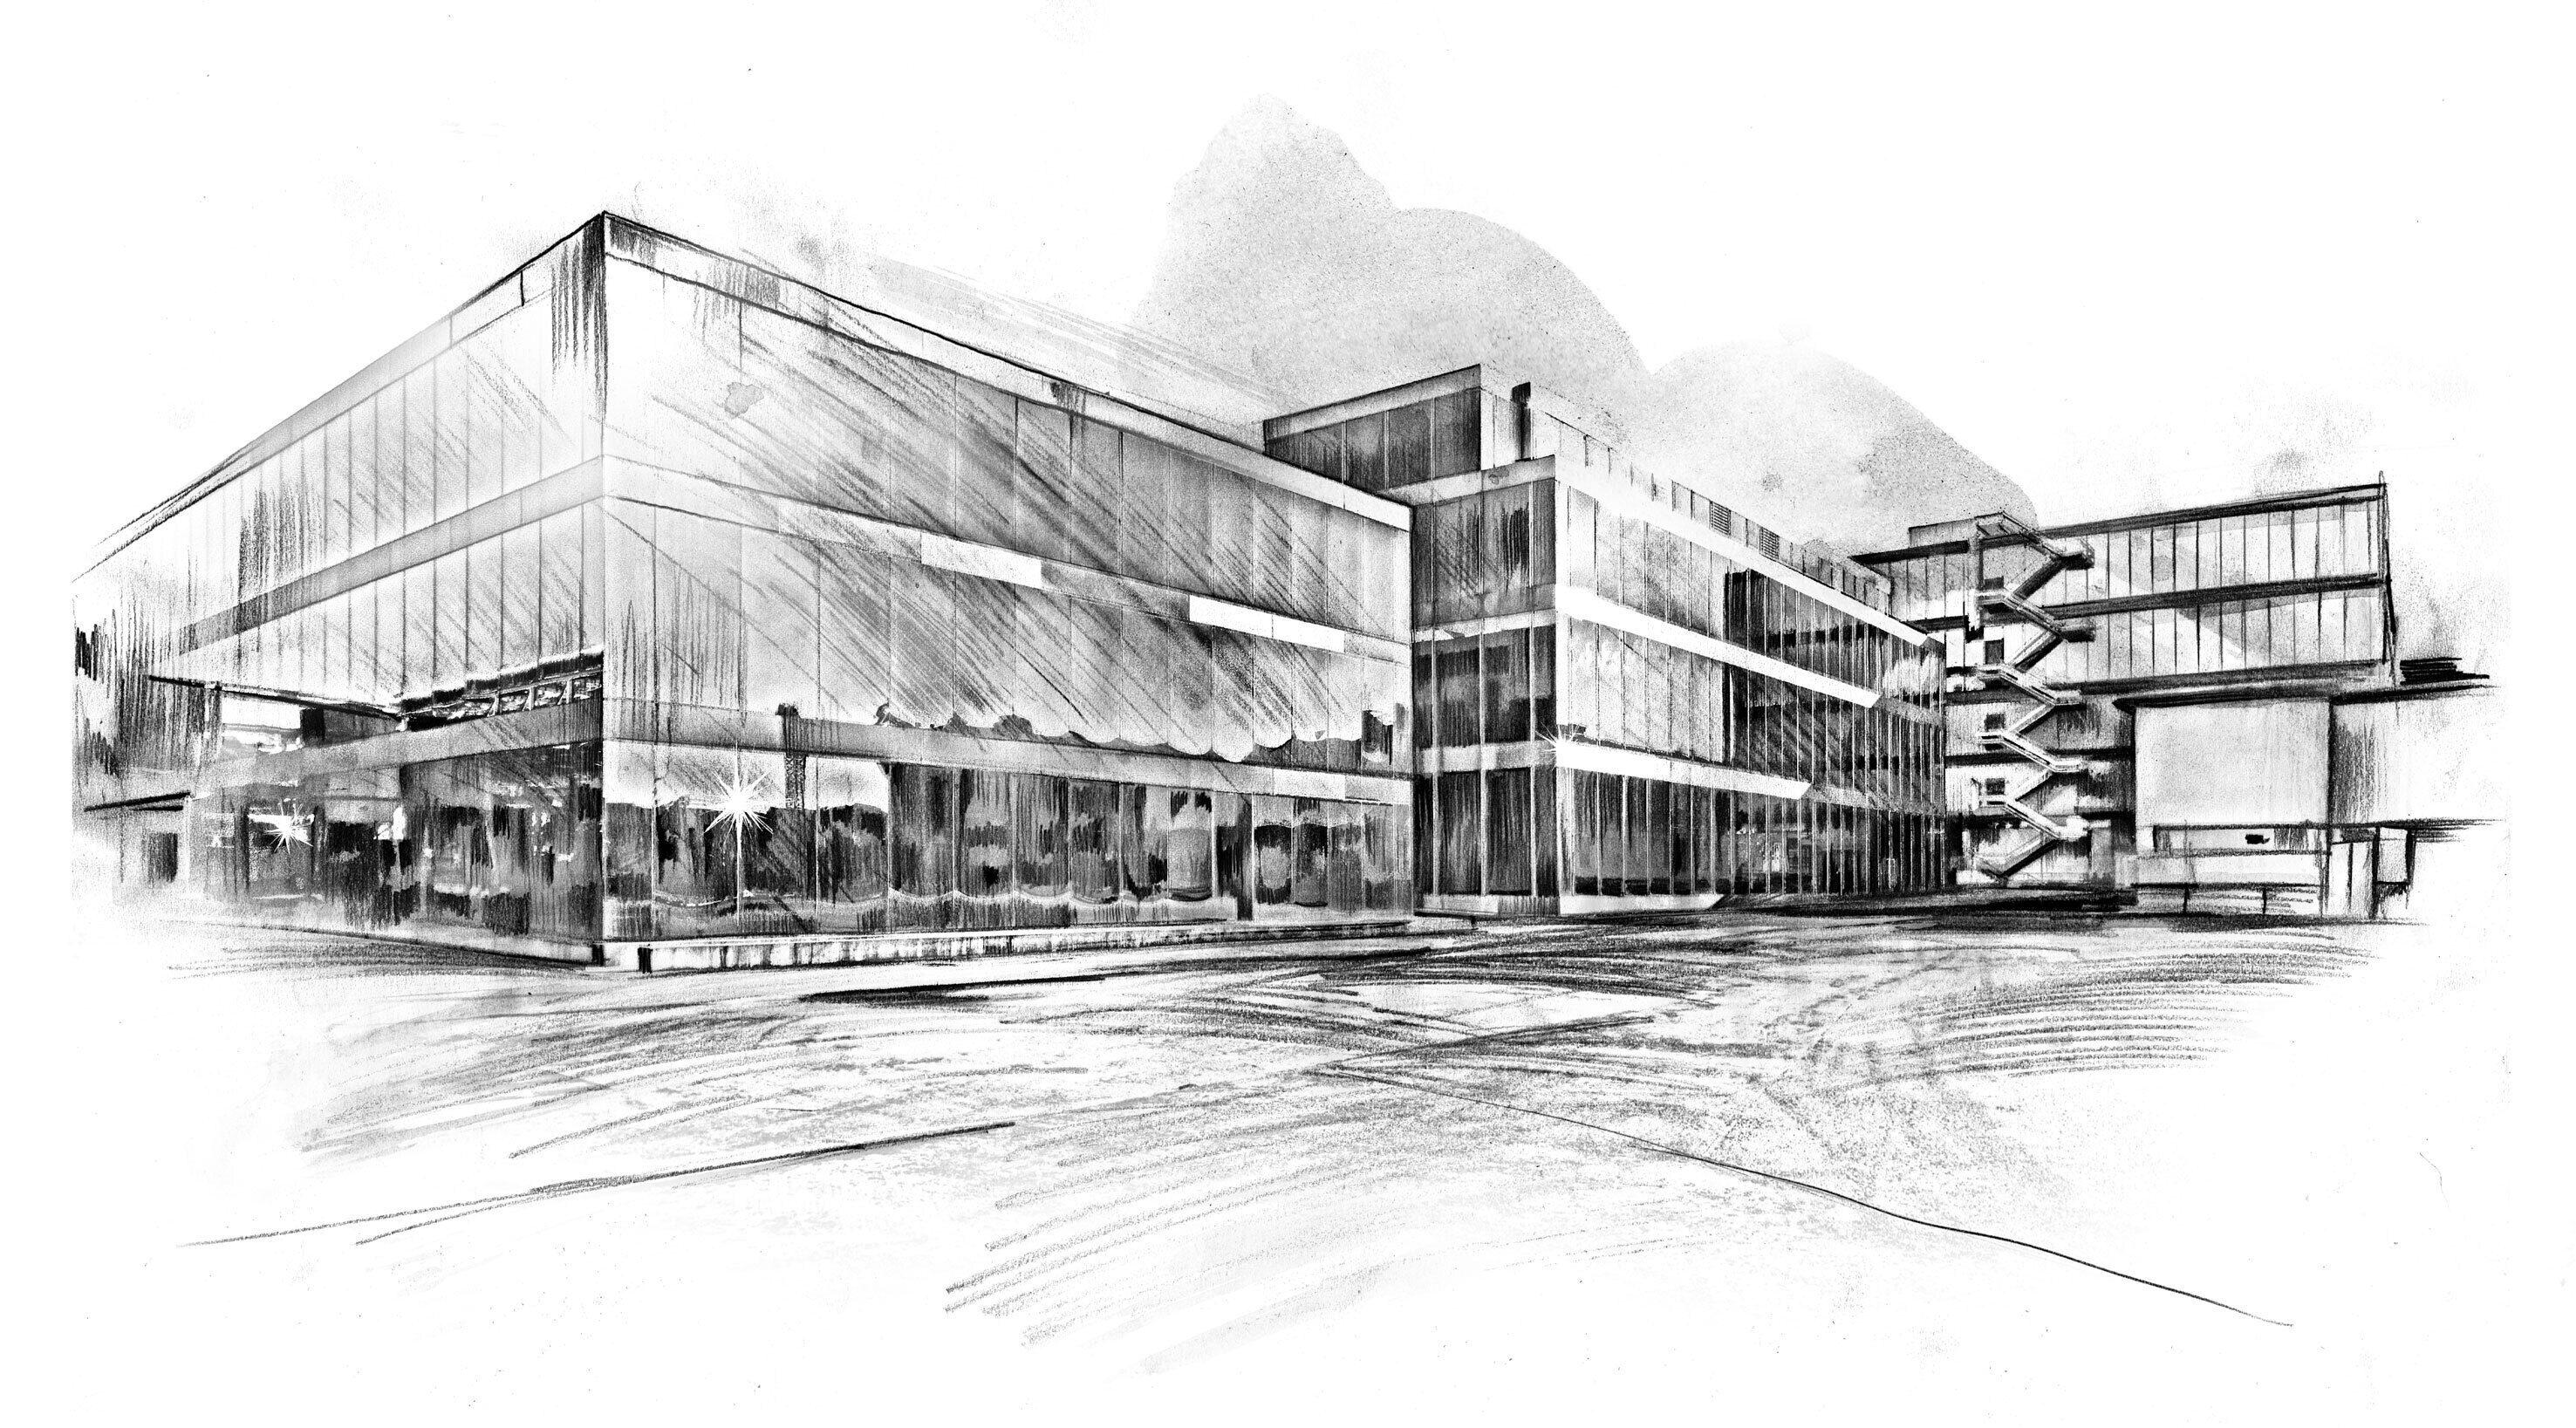 Zofingen - Kornel Illustration | Kornel Stadler portfolio